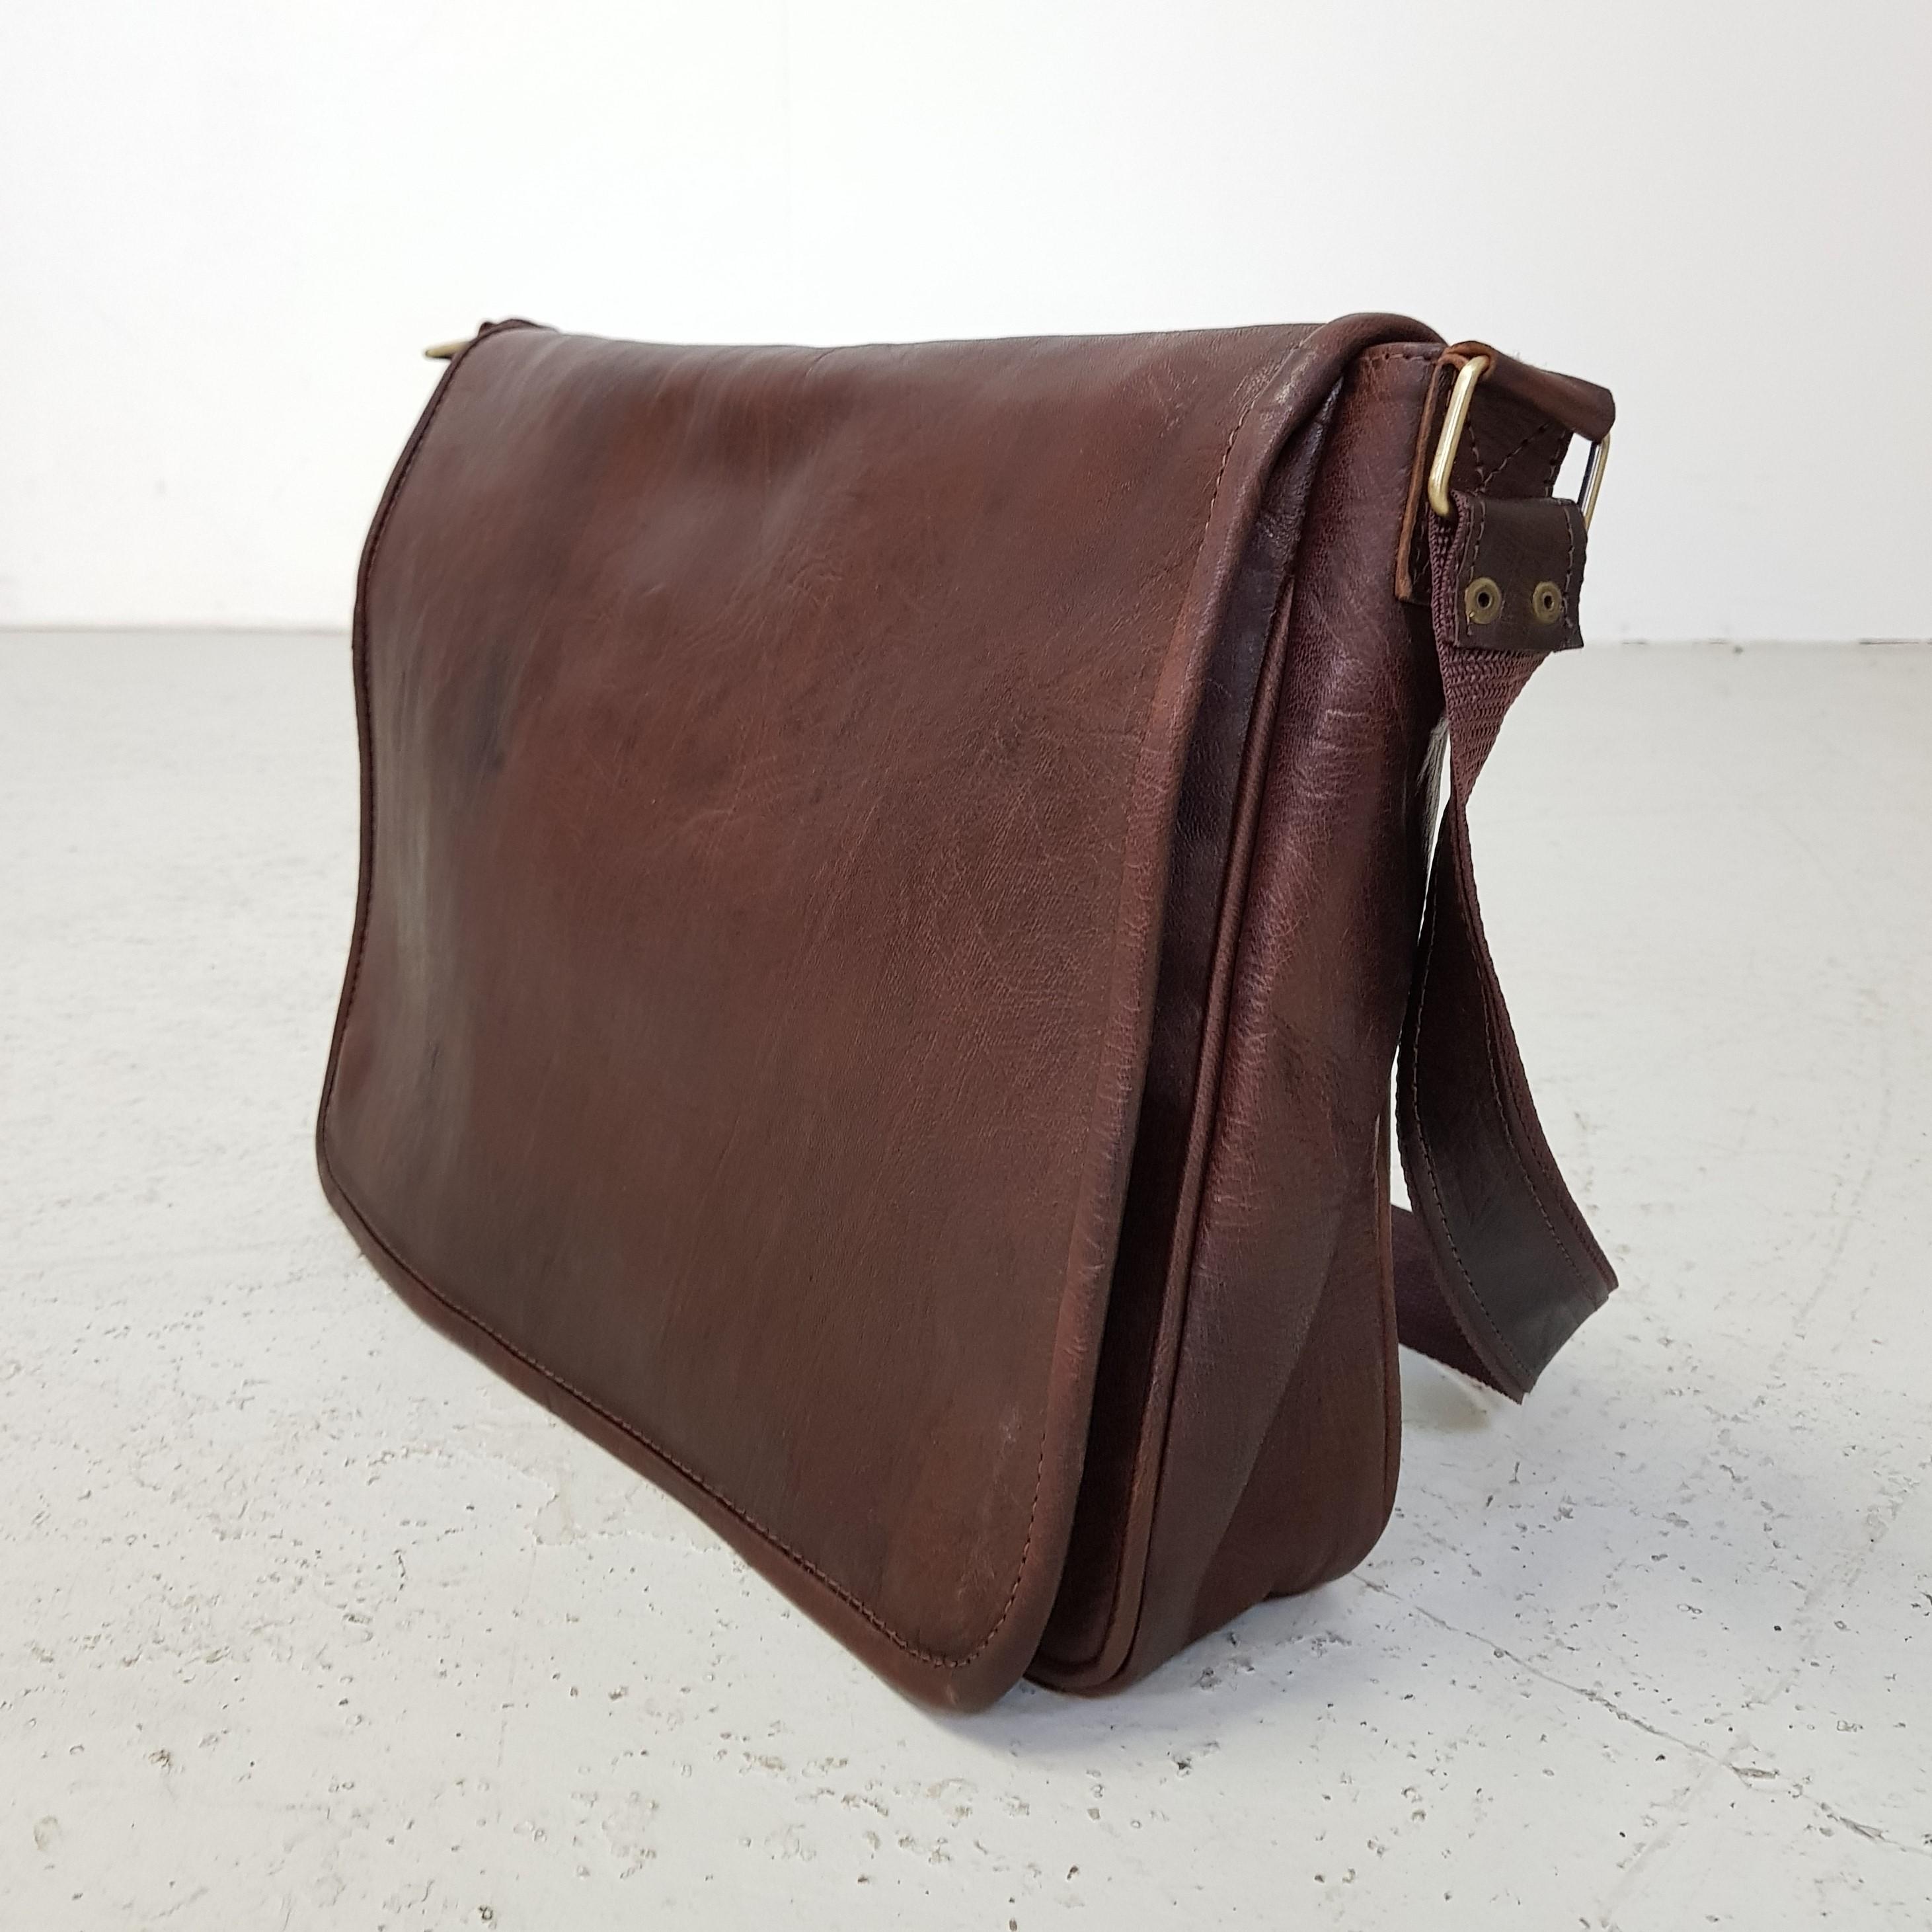 c552a1f227b ... Computer taske i mørke brun læder. 🔍. Forside ...